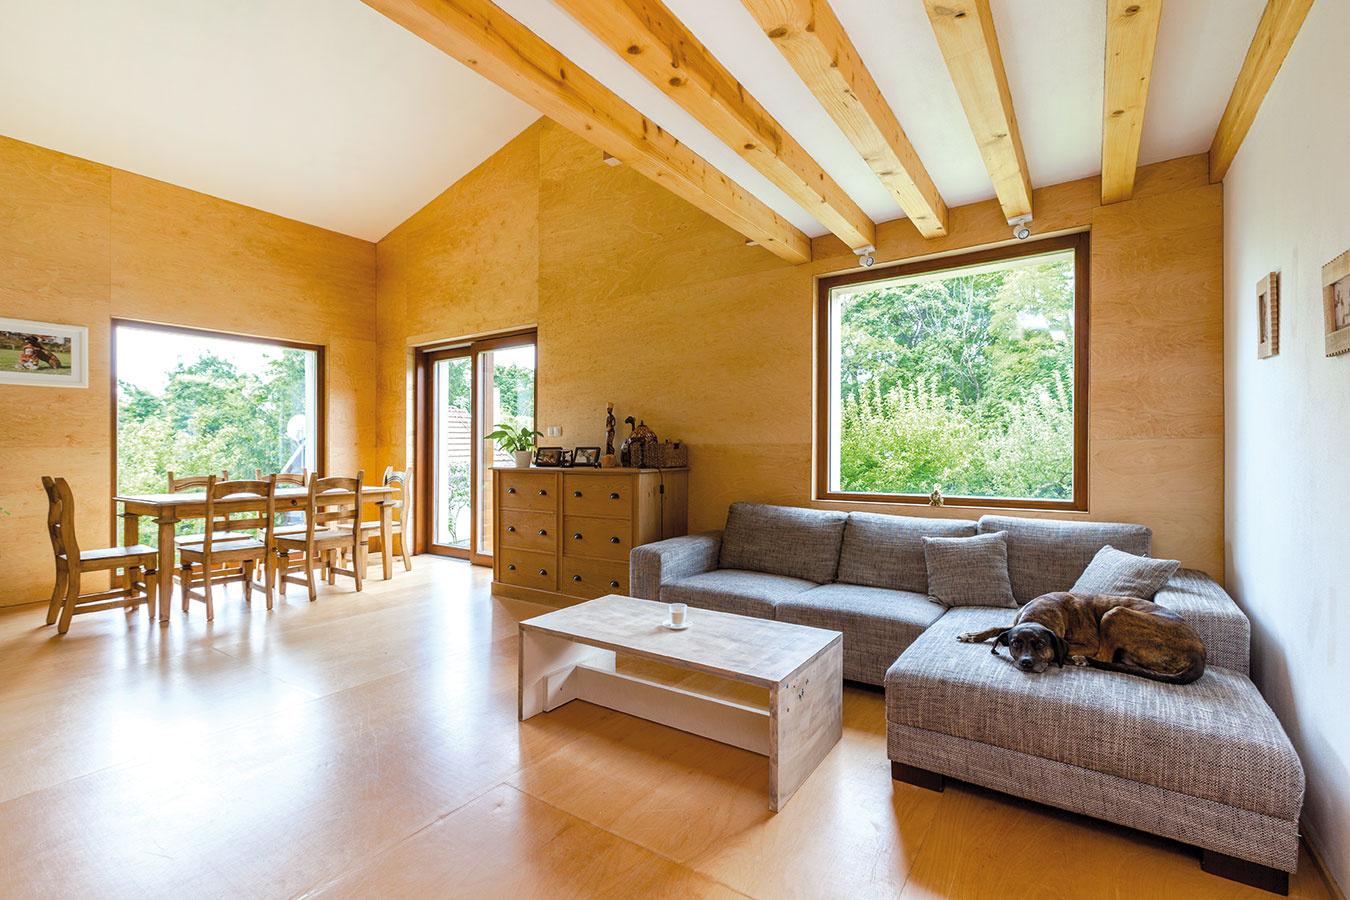 """Jedálenskému kútu vo veľkoryso zasklenom priestore dominuje rustikálne """"strihnutý"""" stôl astoličky. Vtakto presvetlenej miestnosti nepôsobí množstvo drevených prvkov zaťažujúco."""